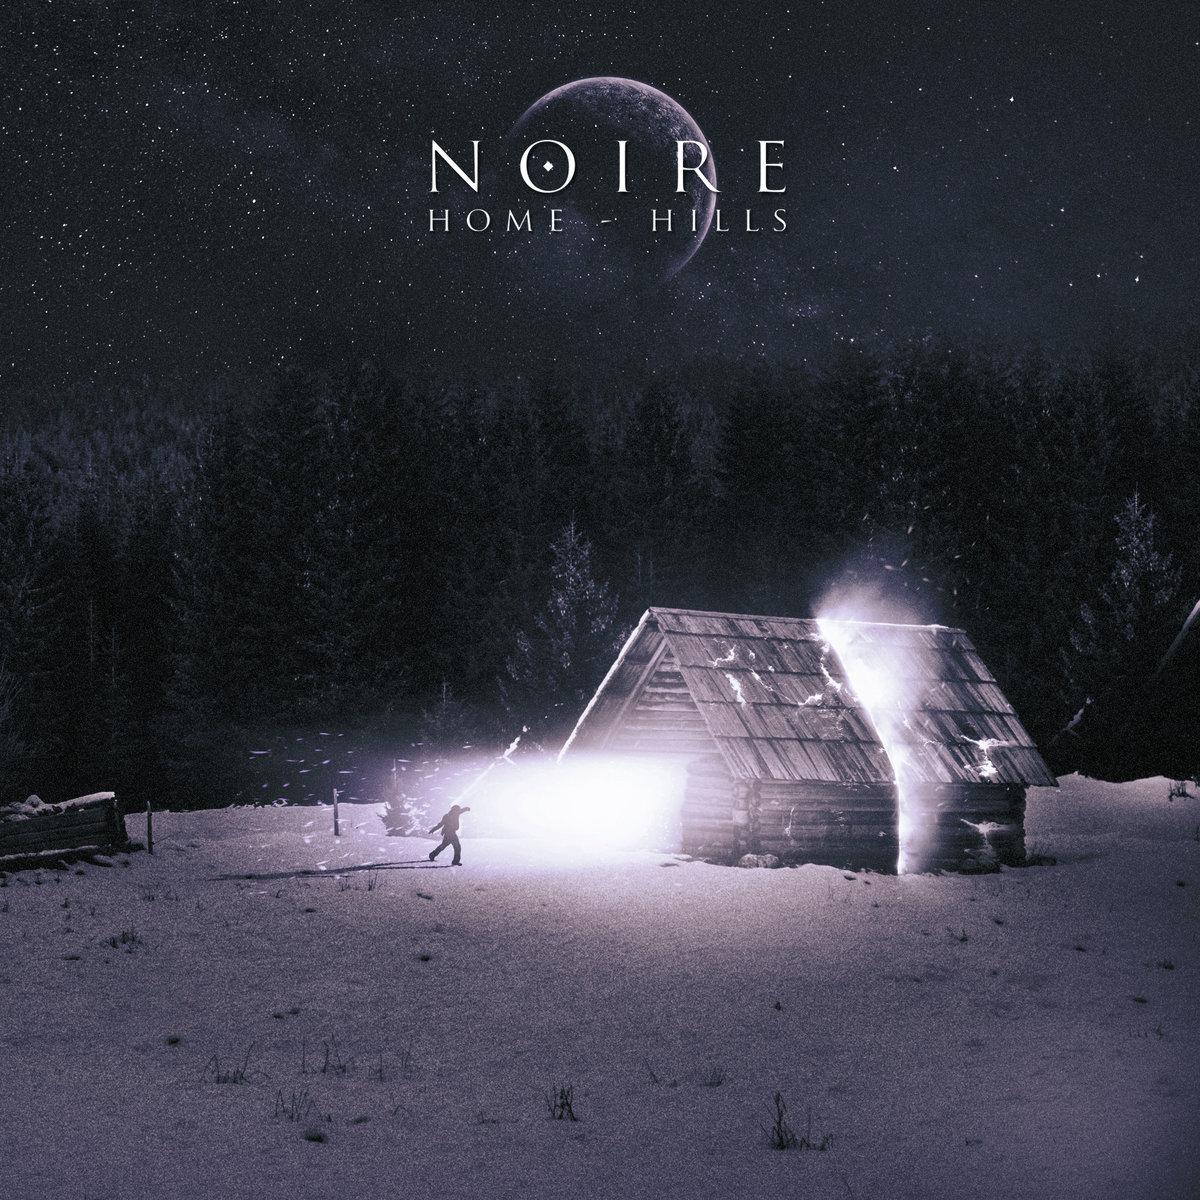 NOIRE - Home - Hills [EP] (2016)